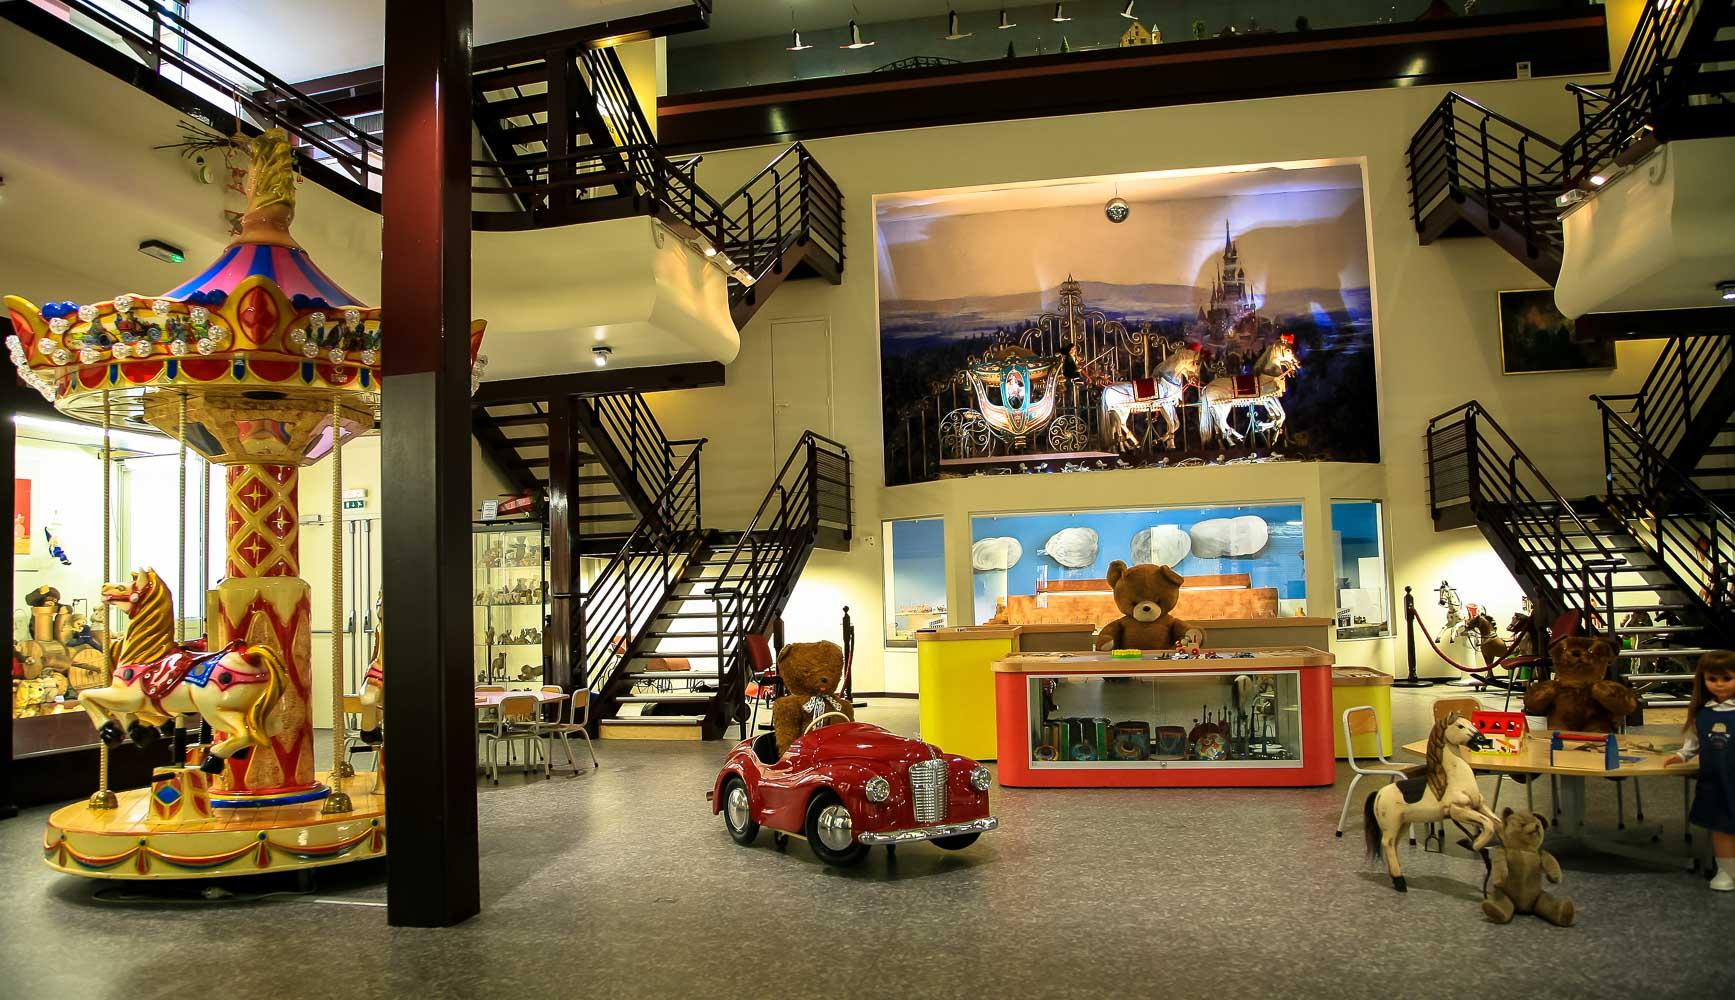 Musée animé du Jouet et des Petits Trains